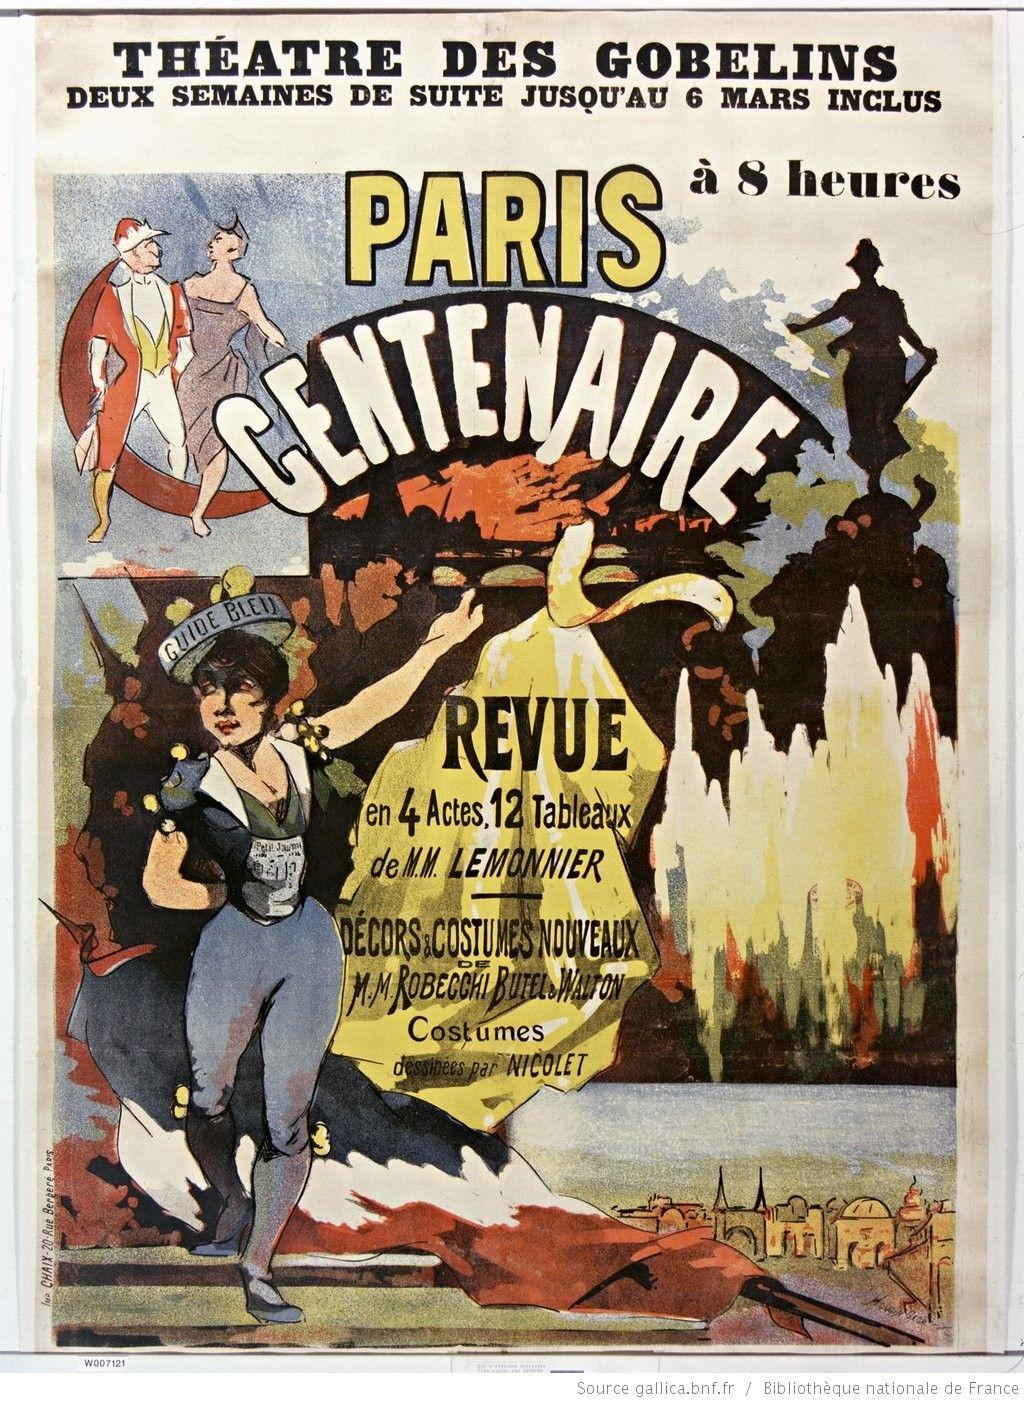 Théâtre des Gobelins... Paris centenaire revue... de MM. Lemonnier... : [affiche] / [Georges Houdin]